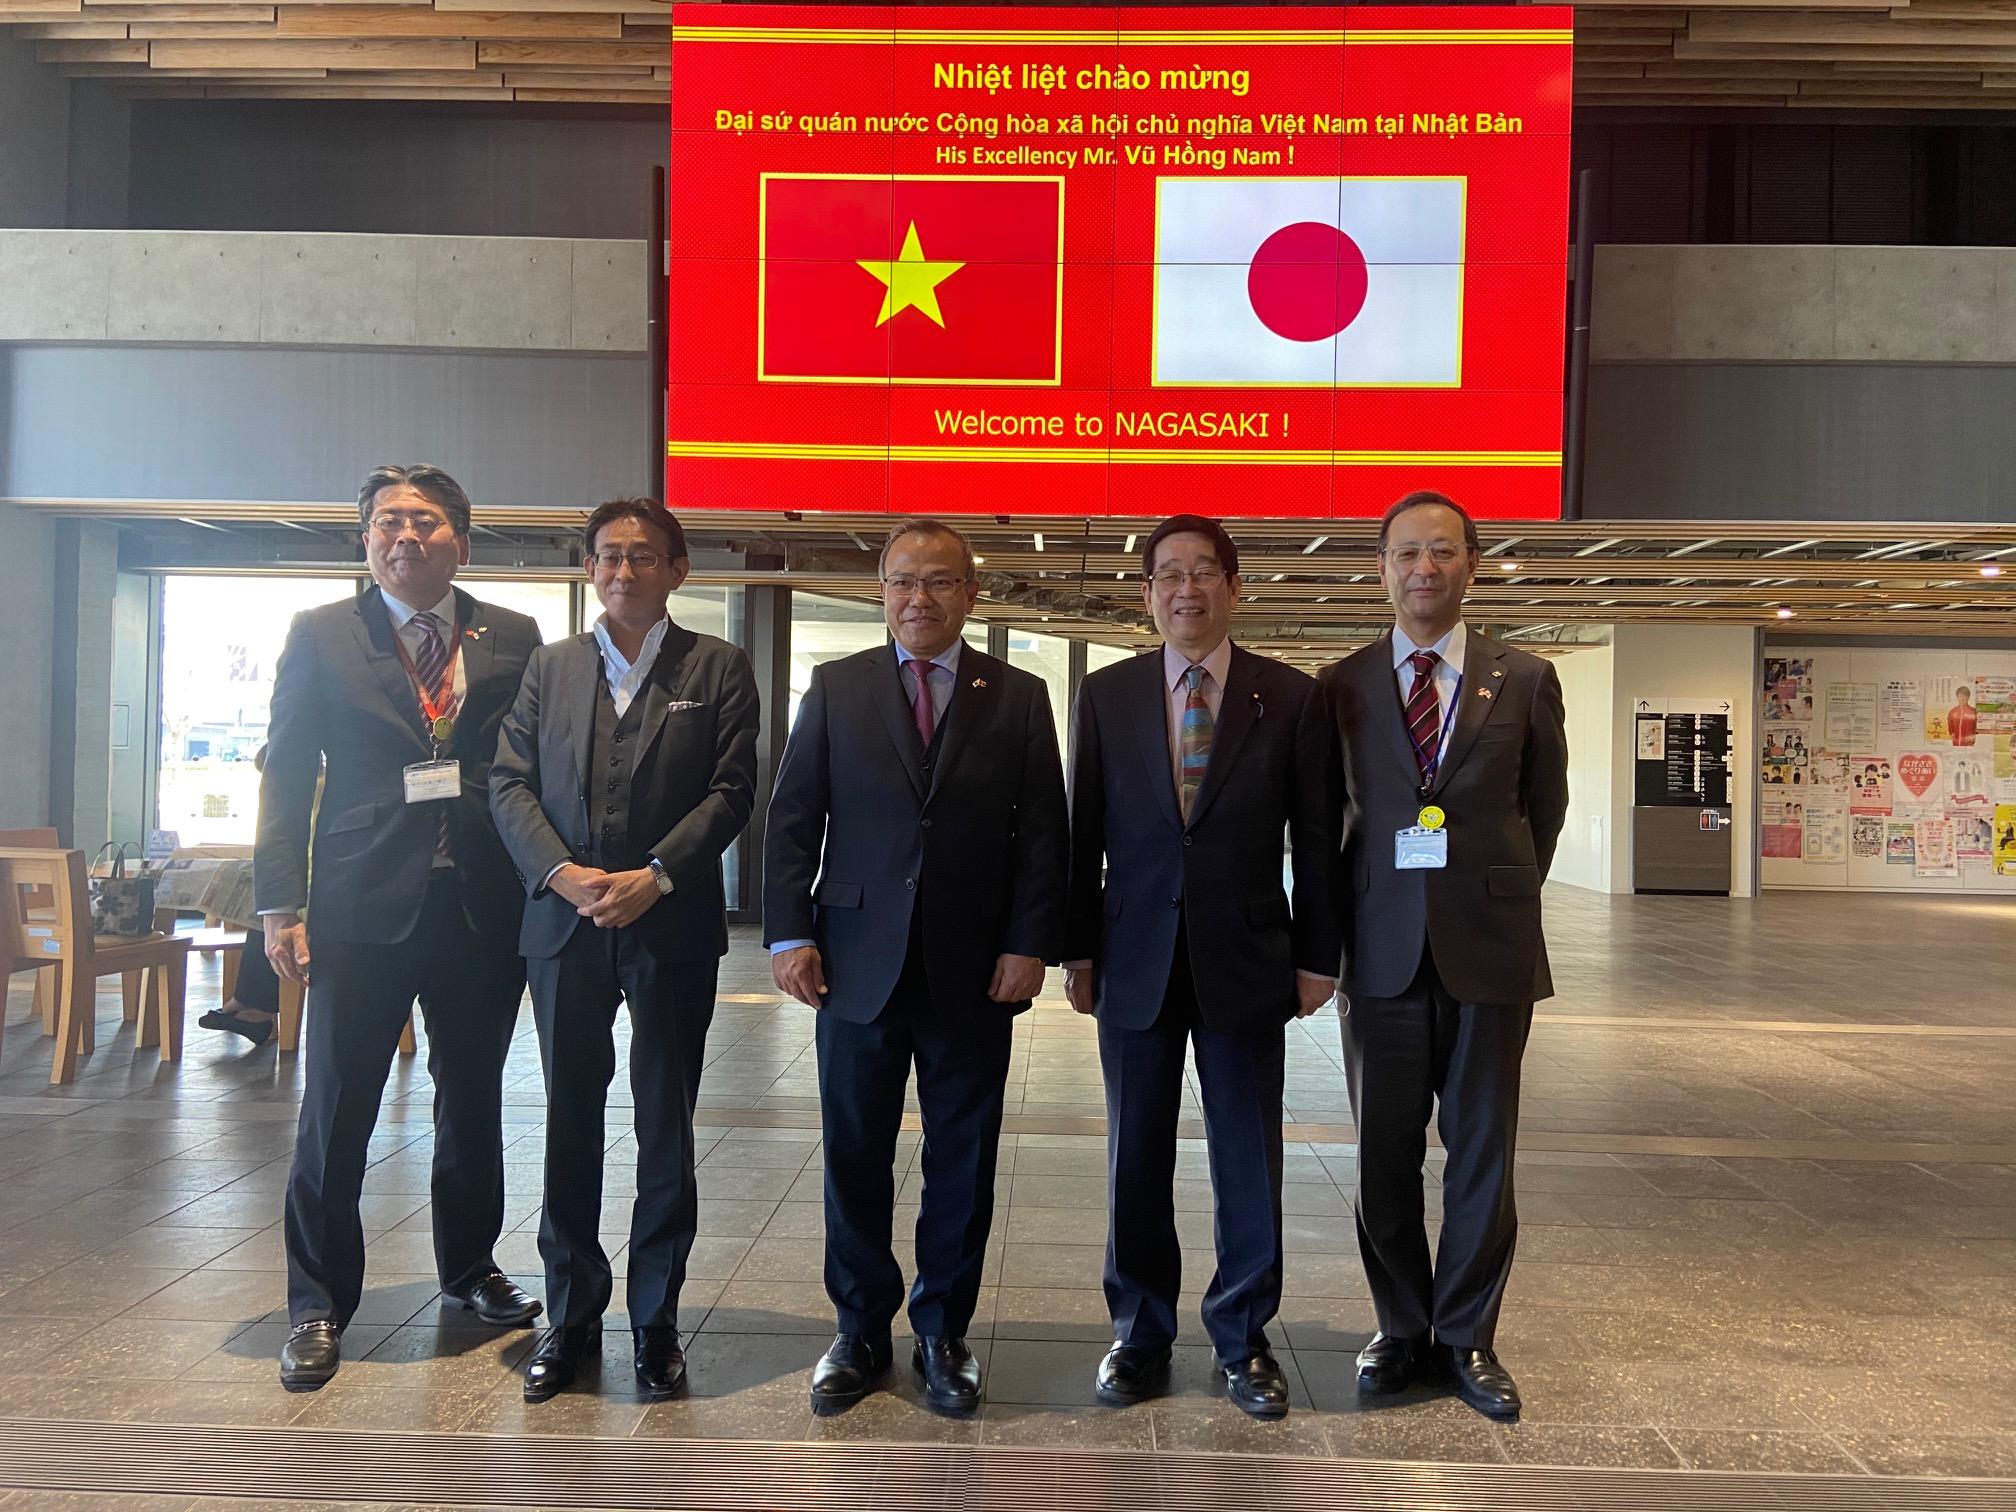 ヴー・ホン・ナム特命全権大使 長崎県への正式訪問